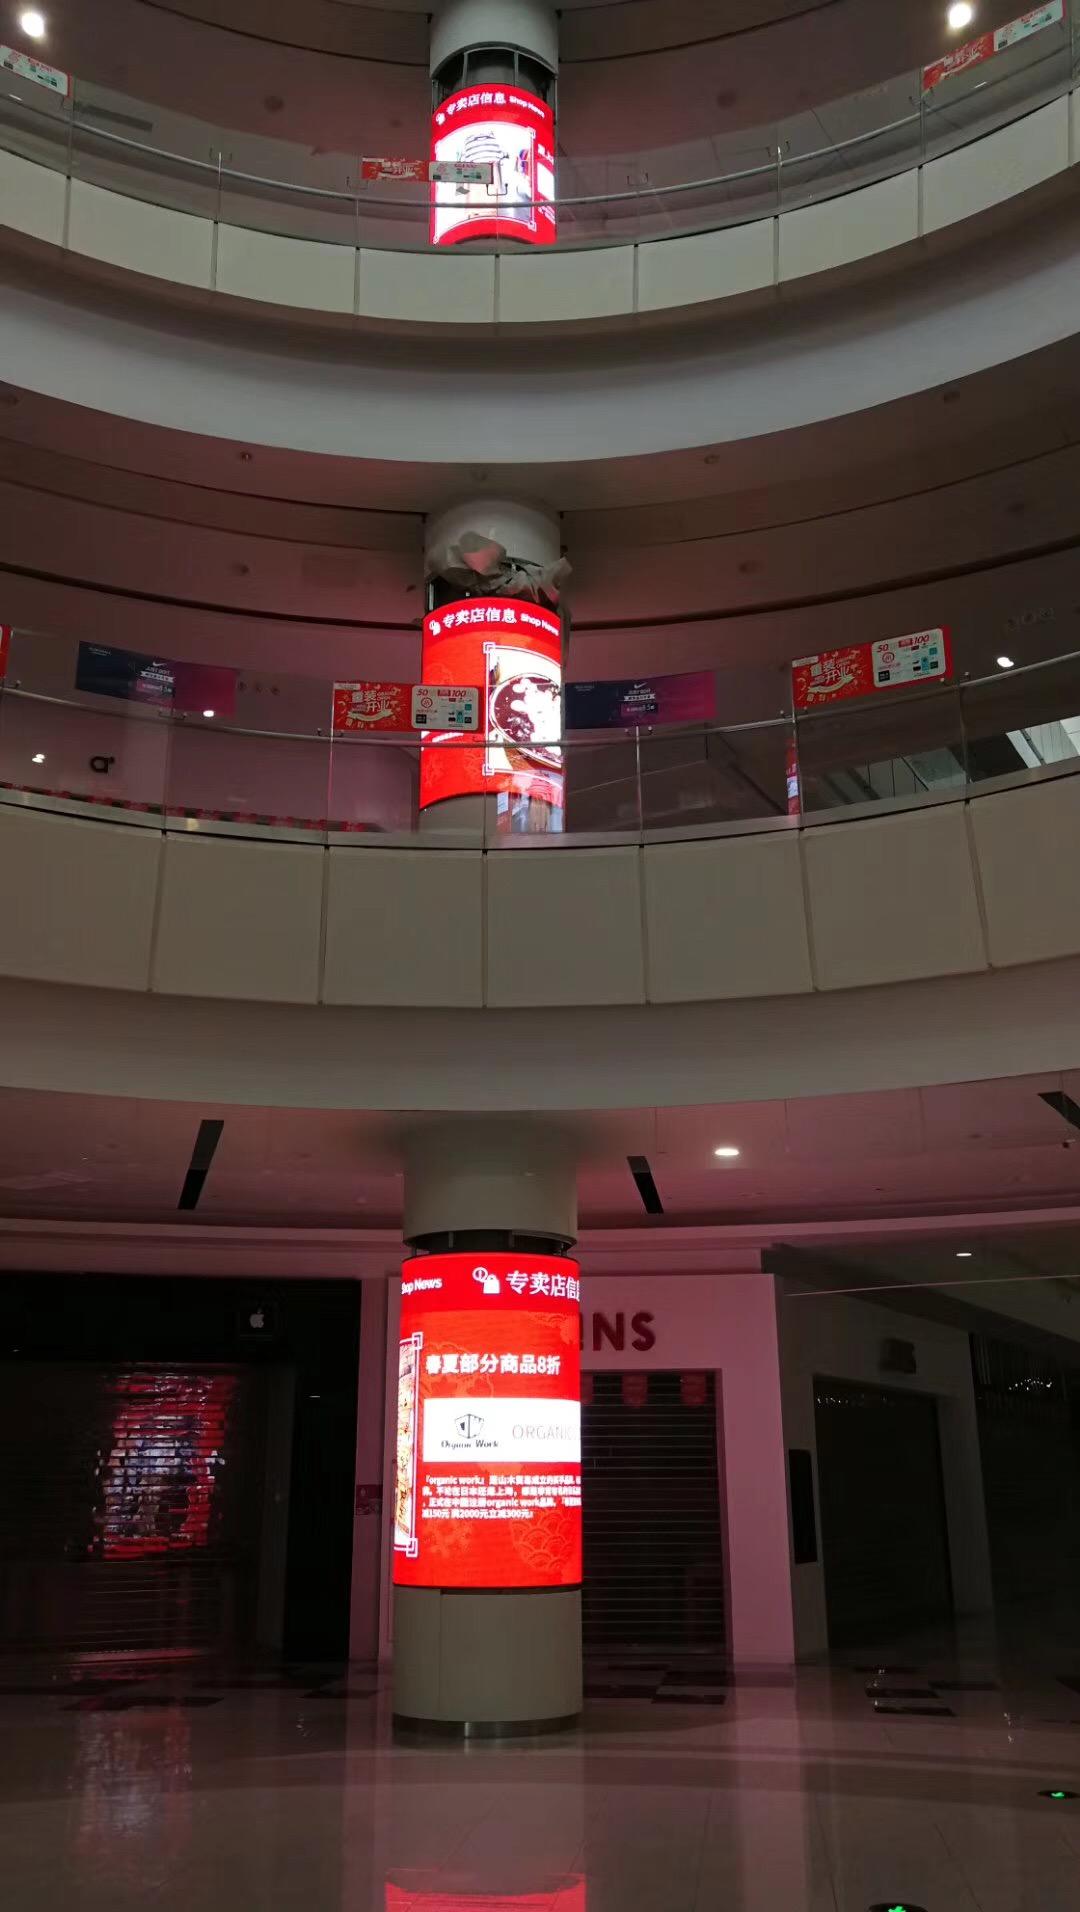 圆柱形LED异形屏需要花费多少钱